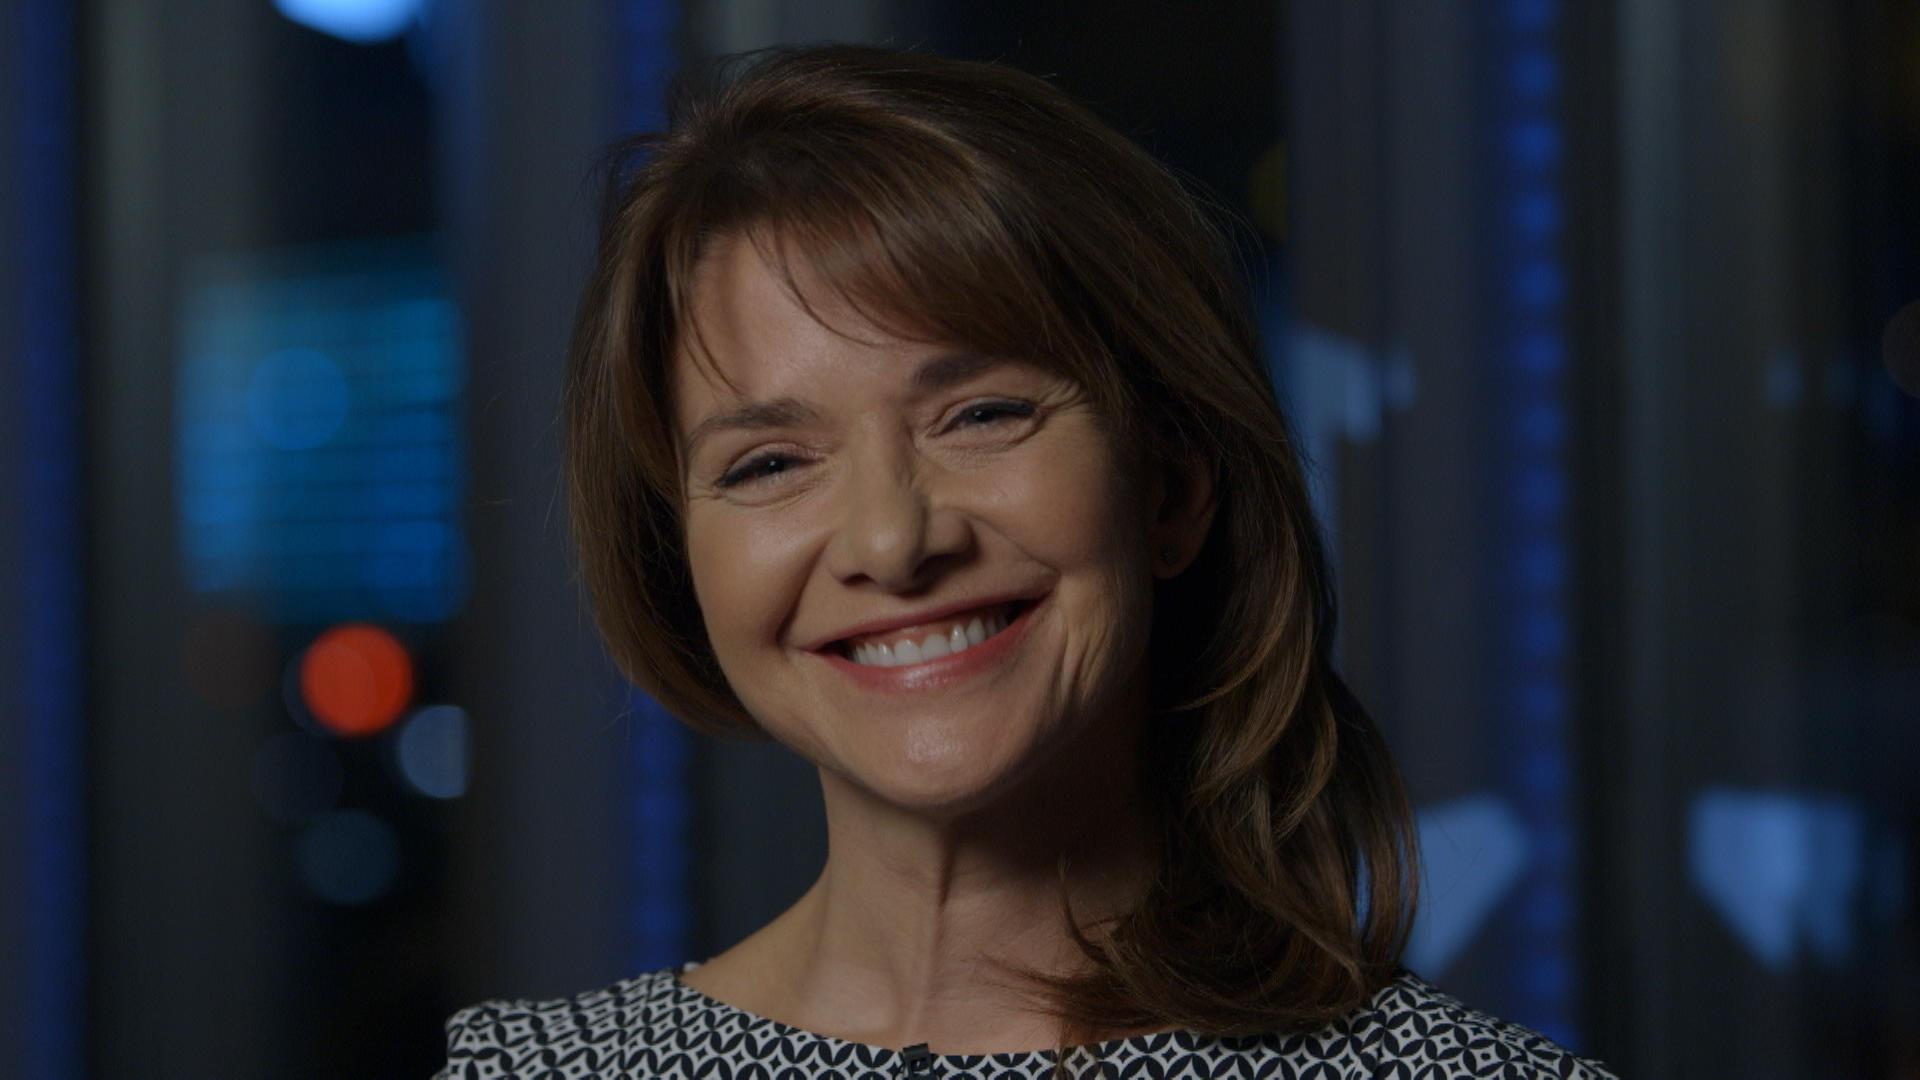 Isabel Richer